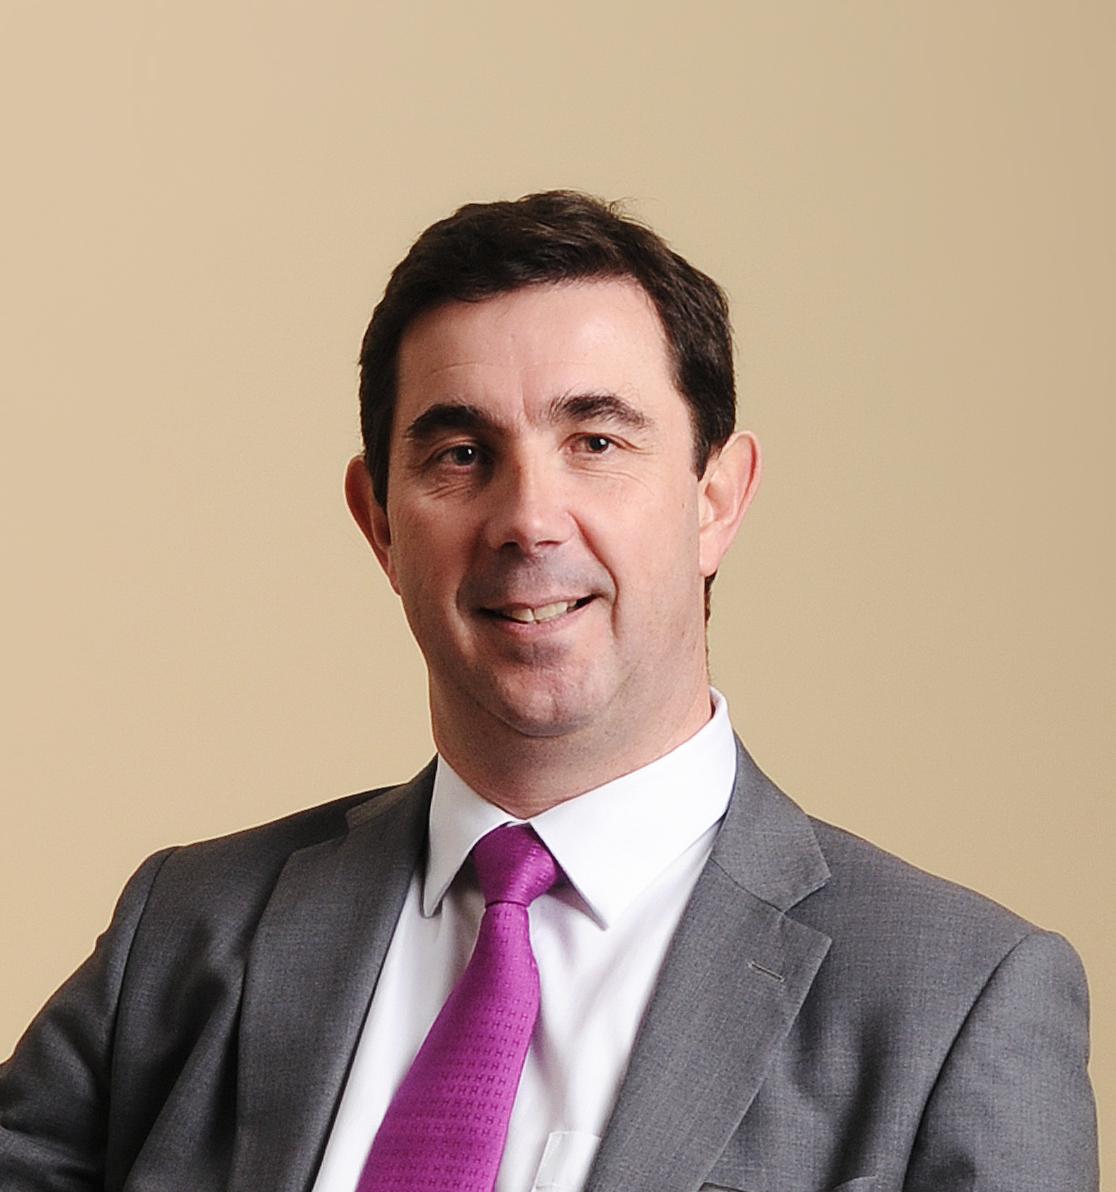 Laurent Laborie, directeur de l'office de tourisme de Moulins et sa région